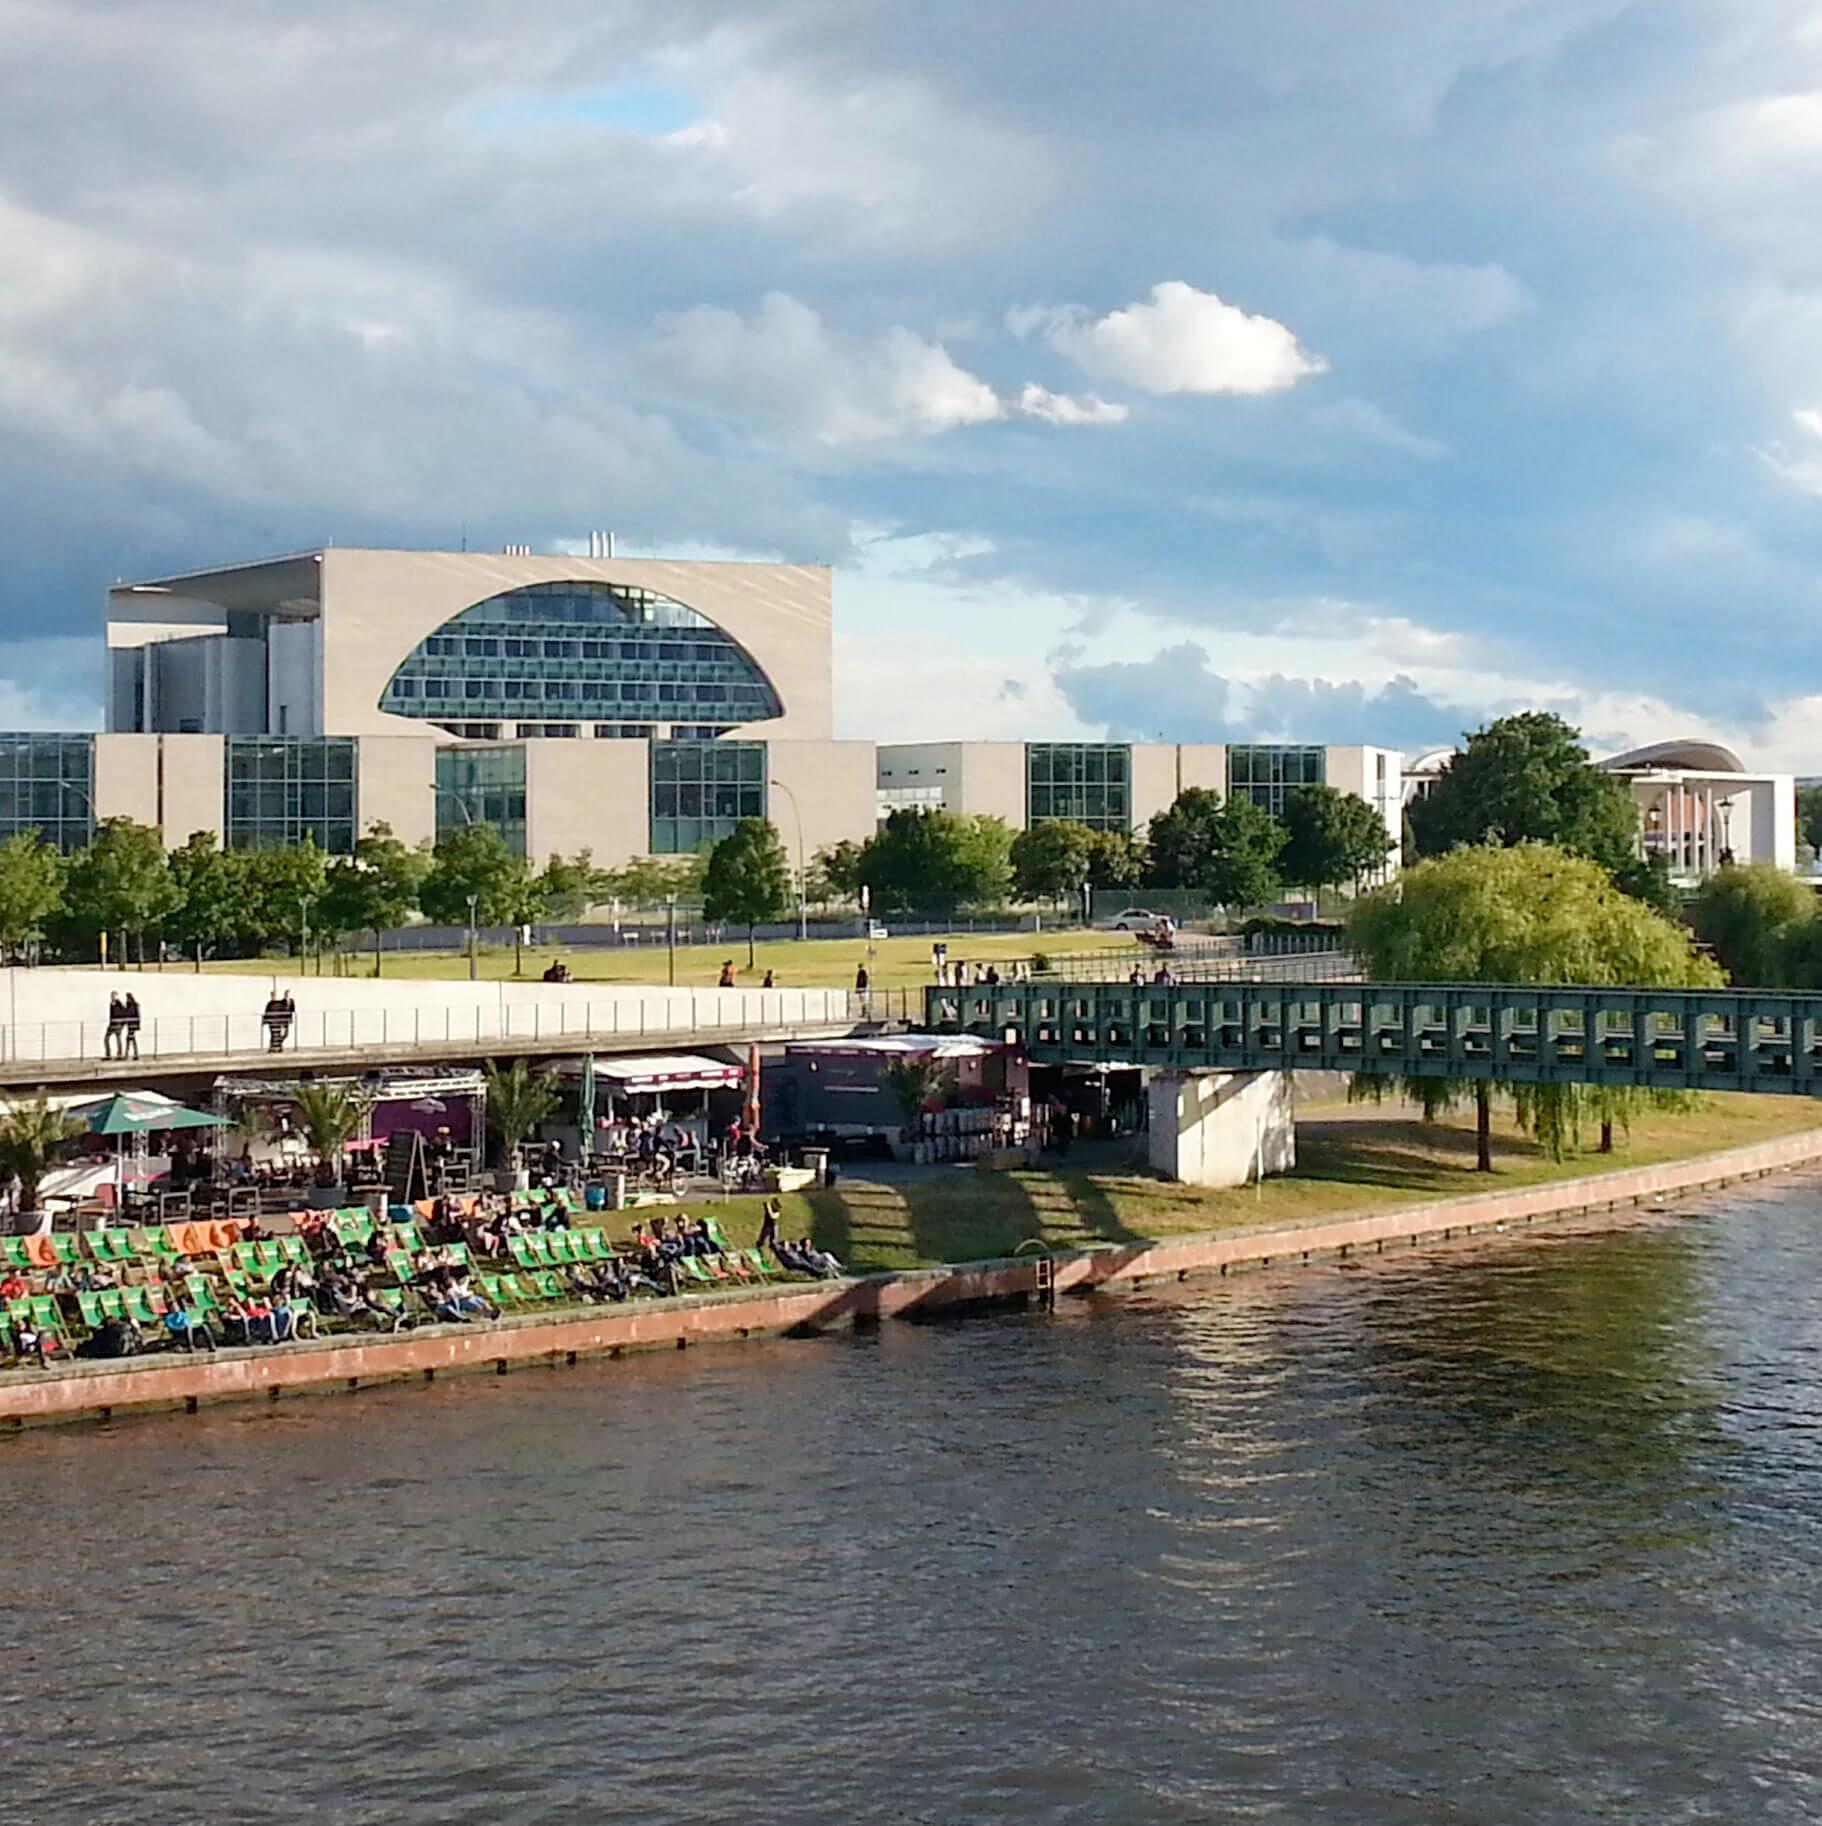 spree-schifffahrt-berlin-bundeskanzleramt